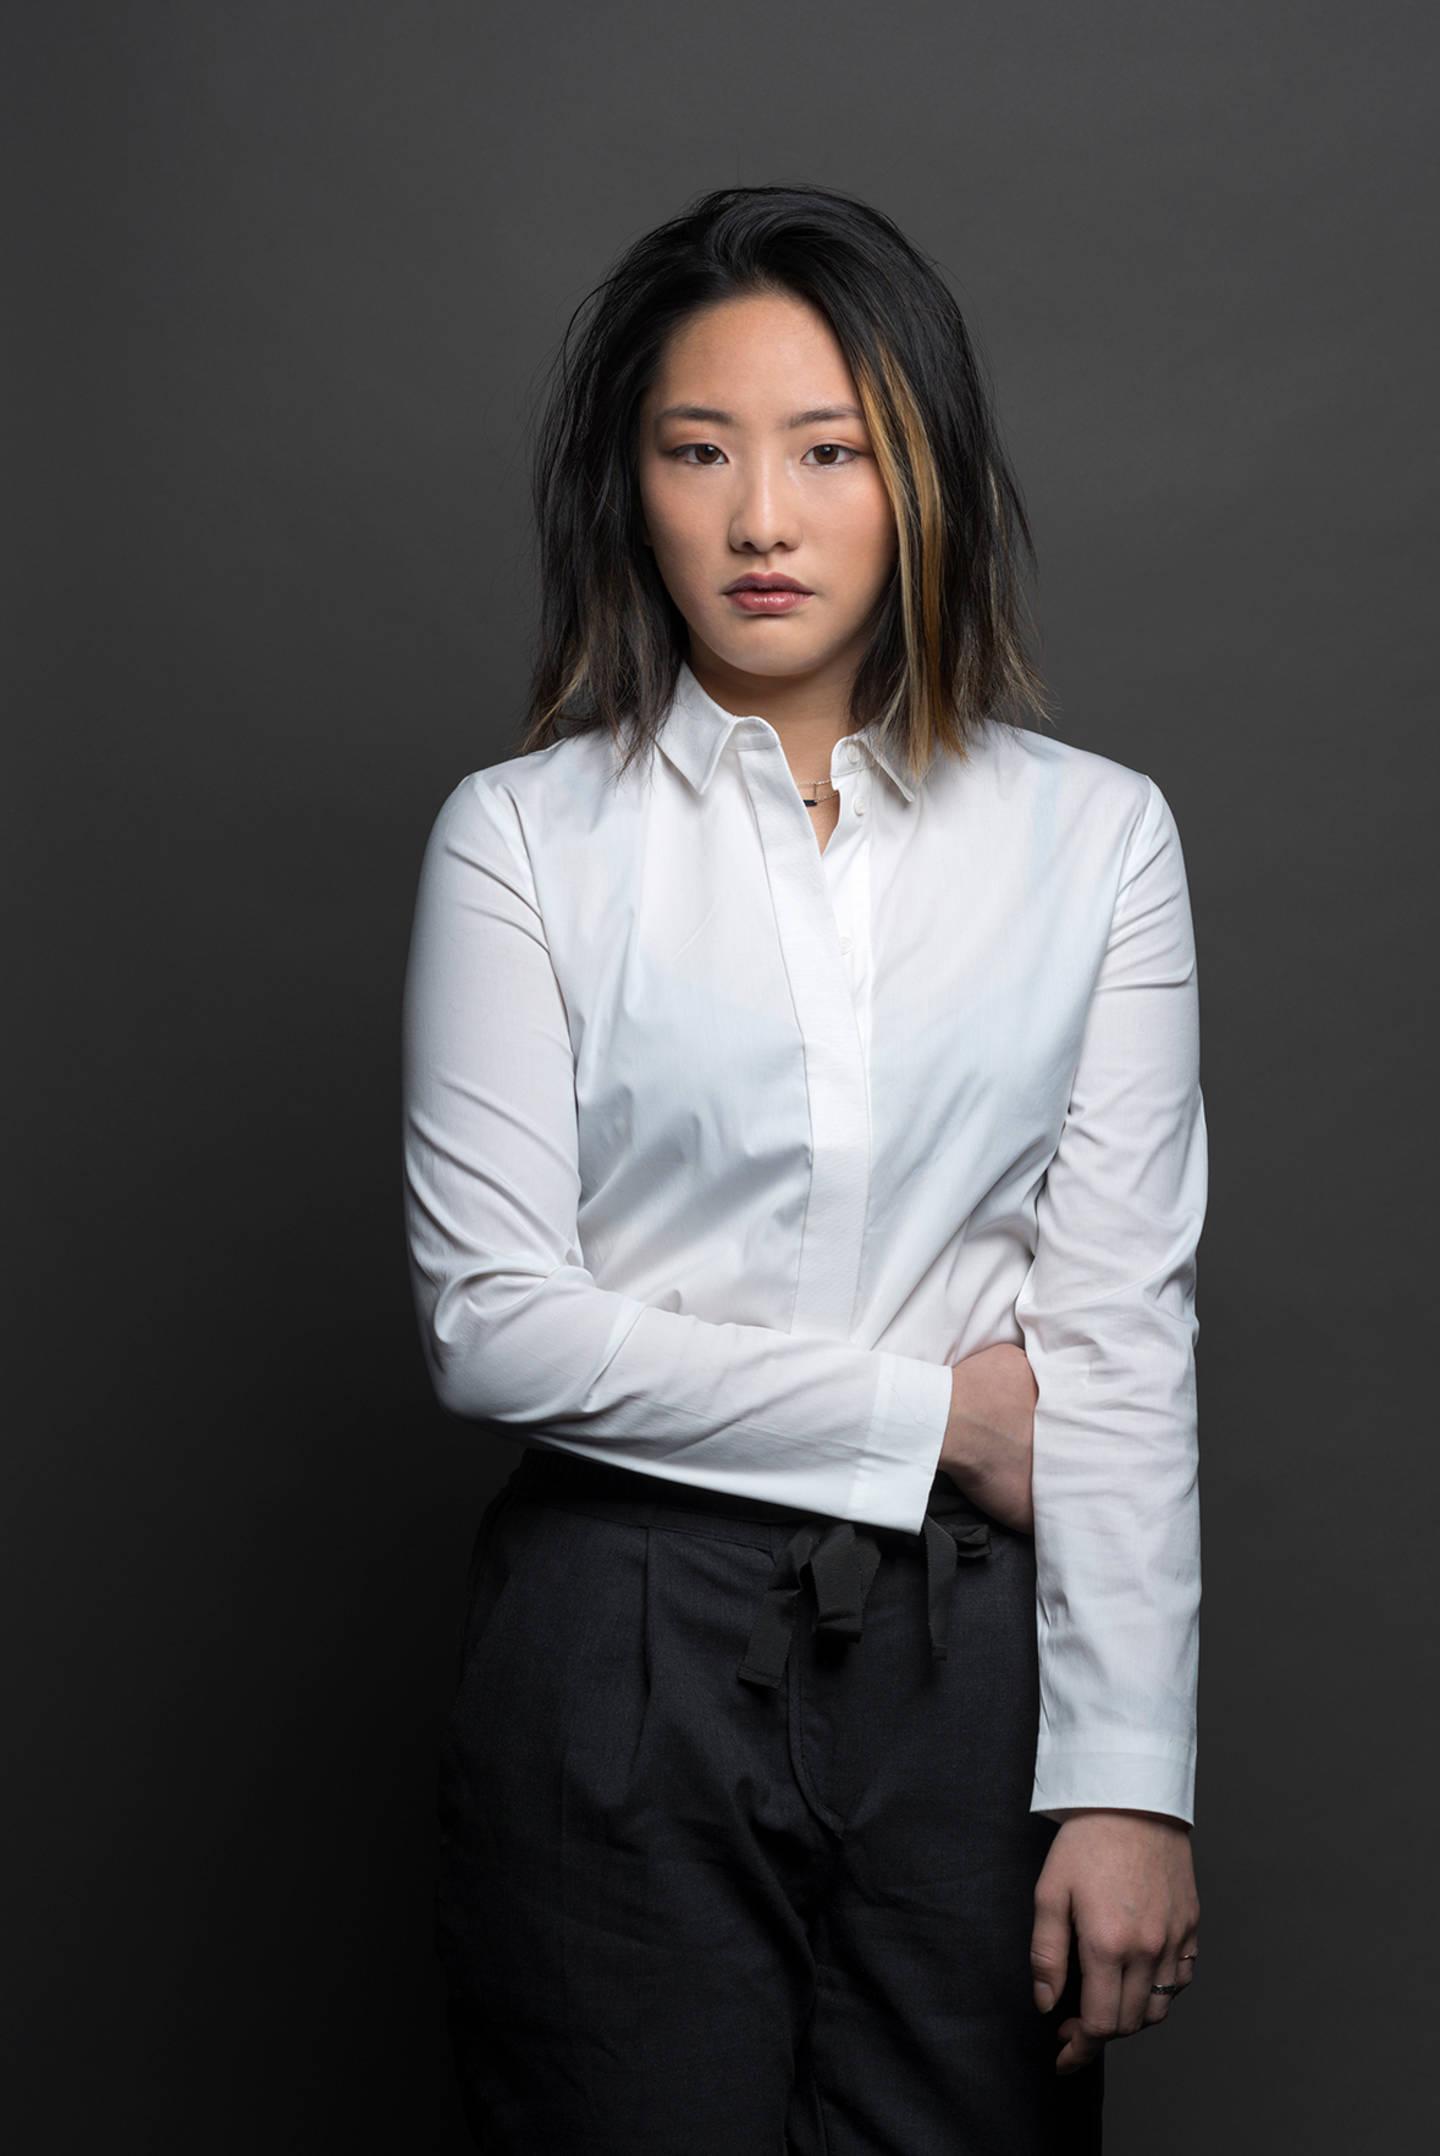 Jackie Choi